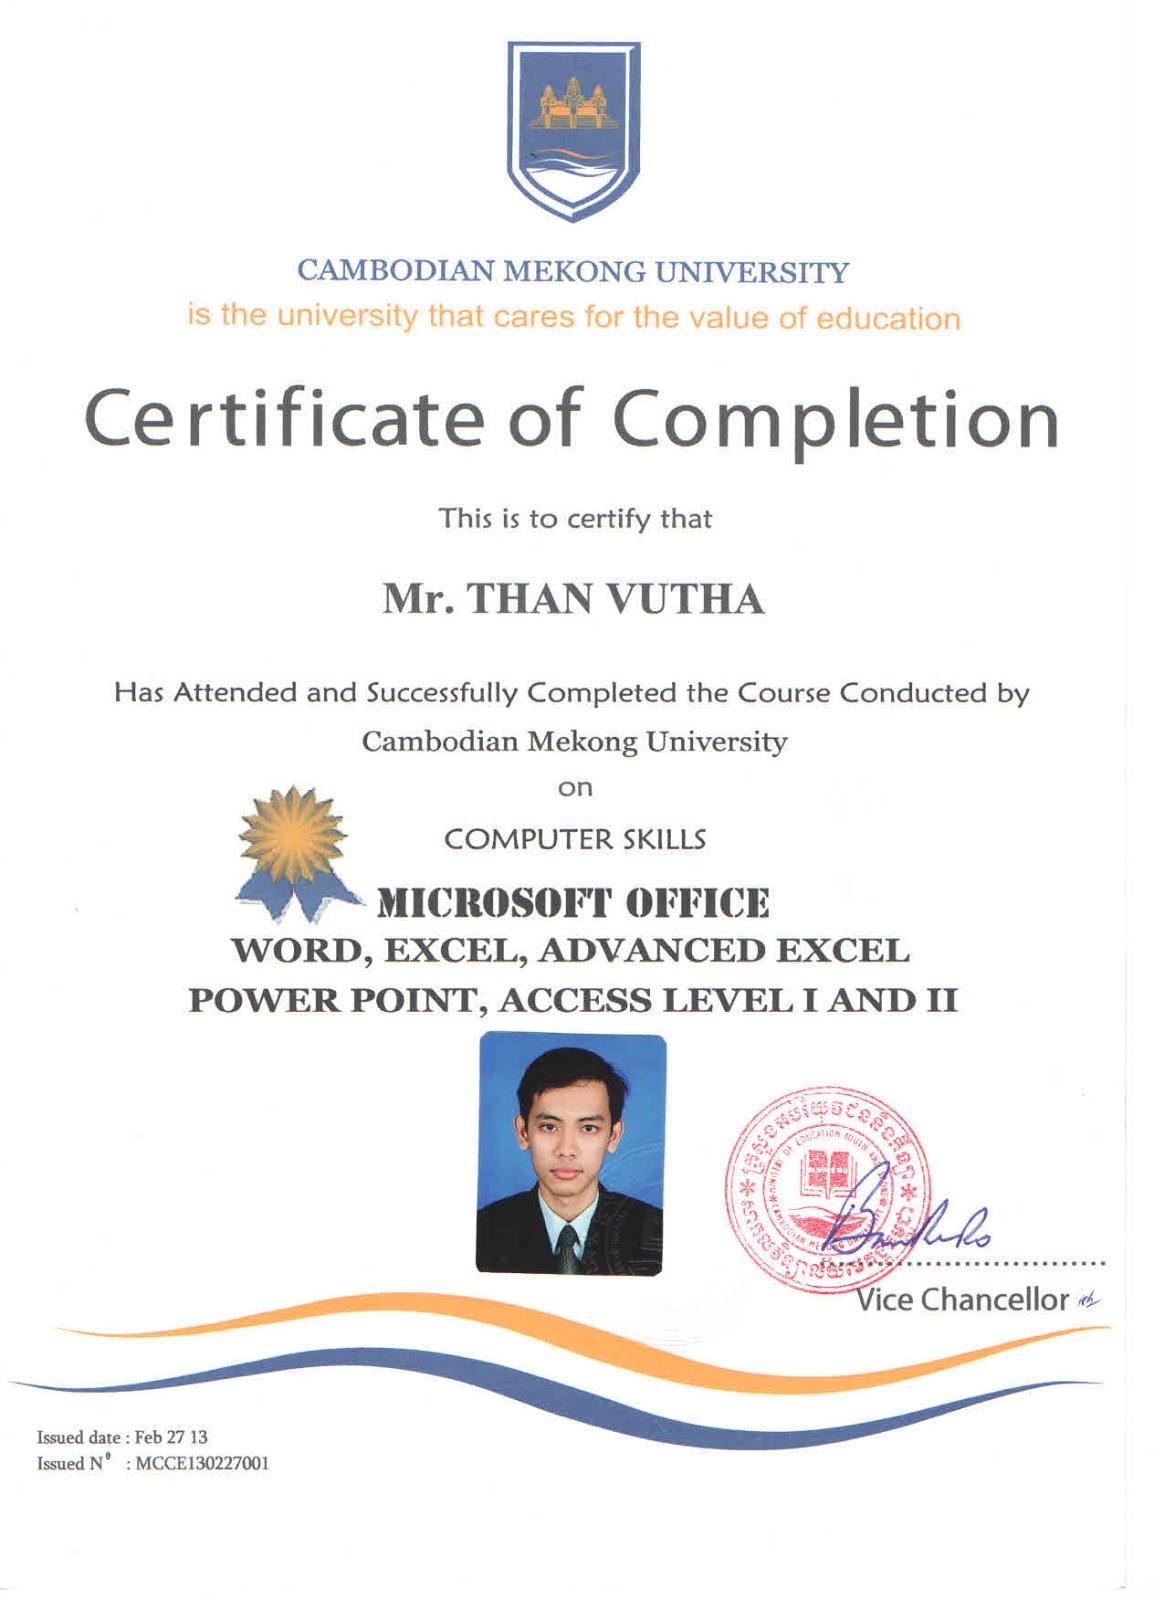 T H A N V U T H A Computer Certificate